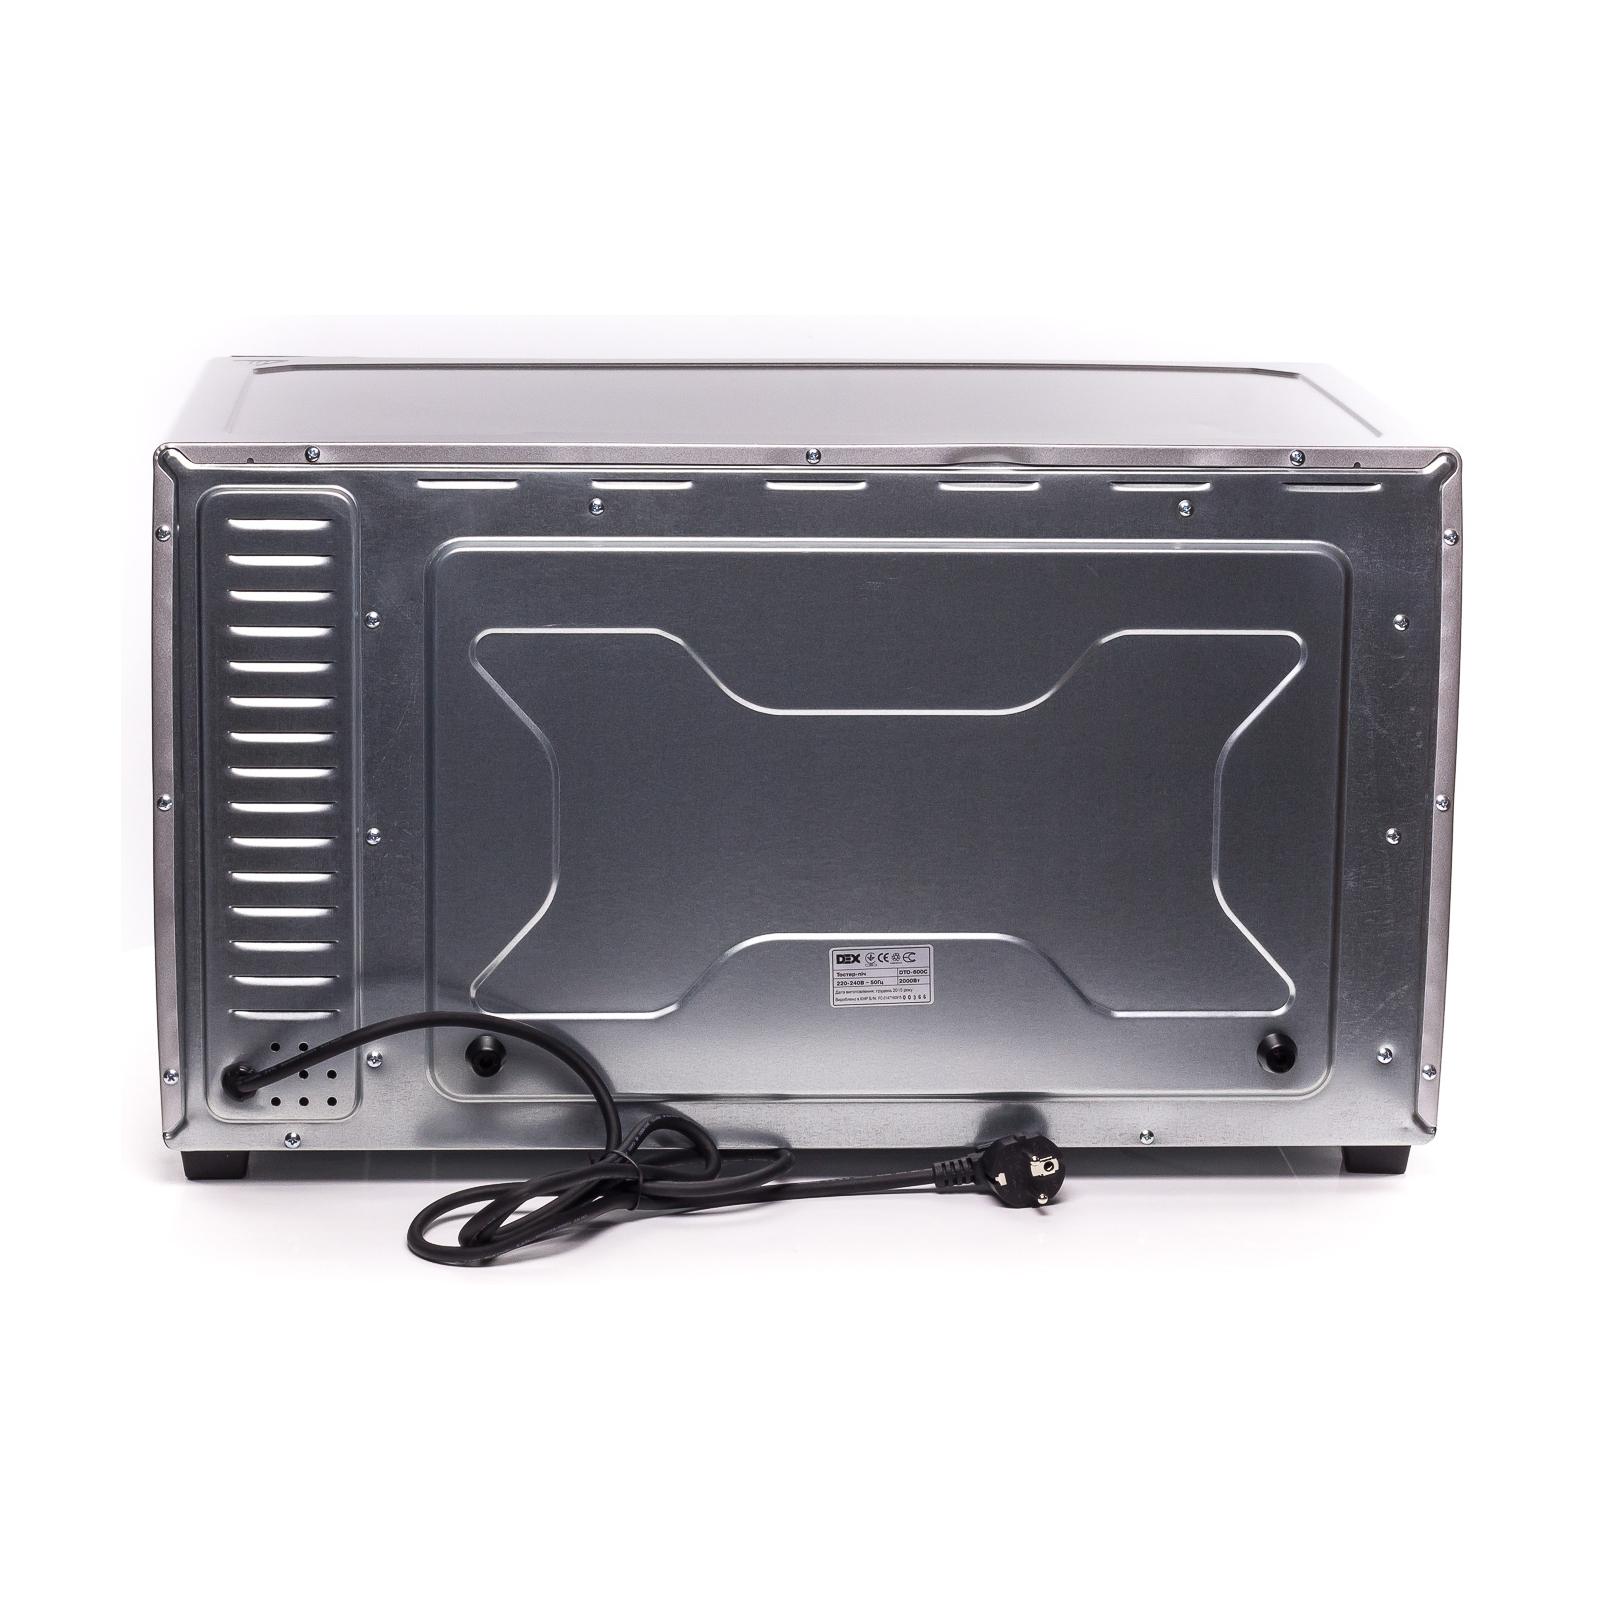 Электропечь DEX DTO-600 C изображение 3